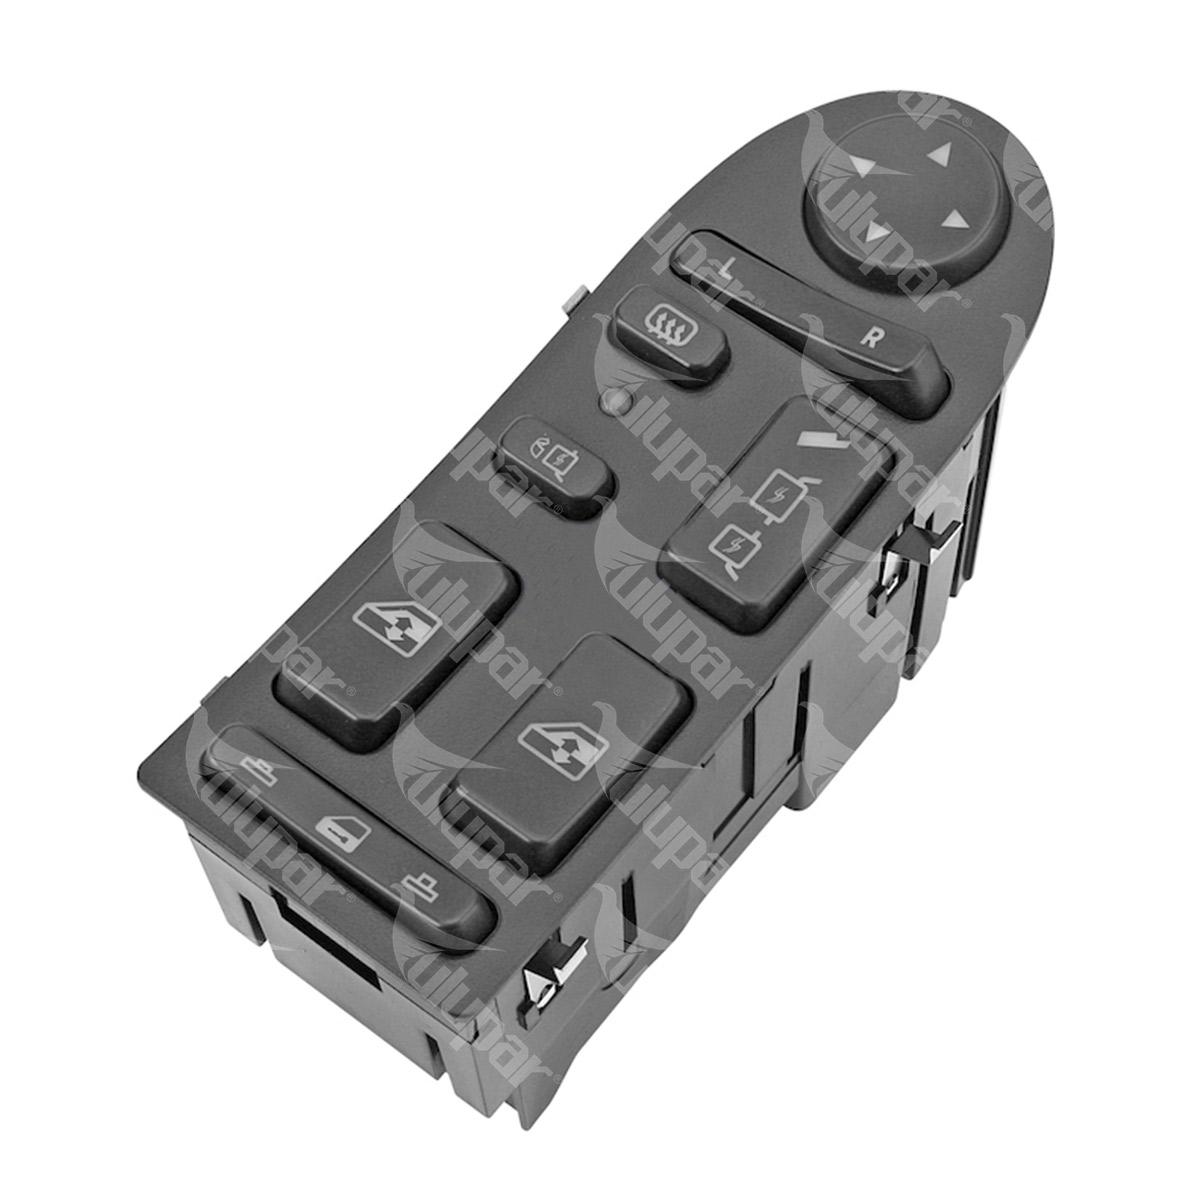 20502876050 - Unité d'interrupteur p. lève-vitre électrique, réglage et chauffage du rétroviseur (L)